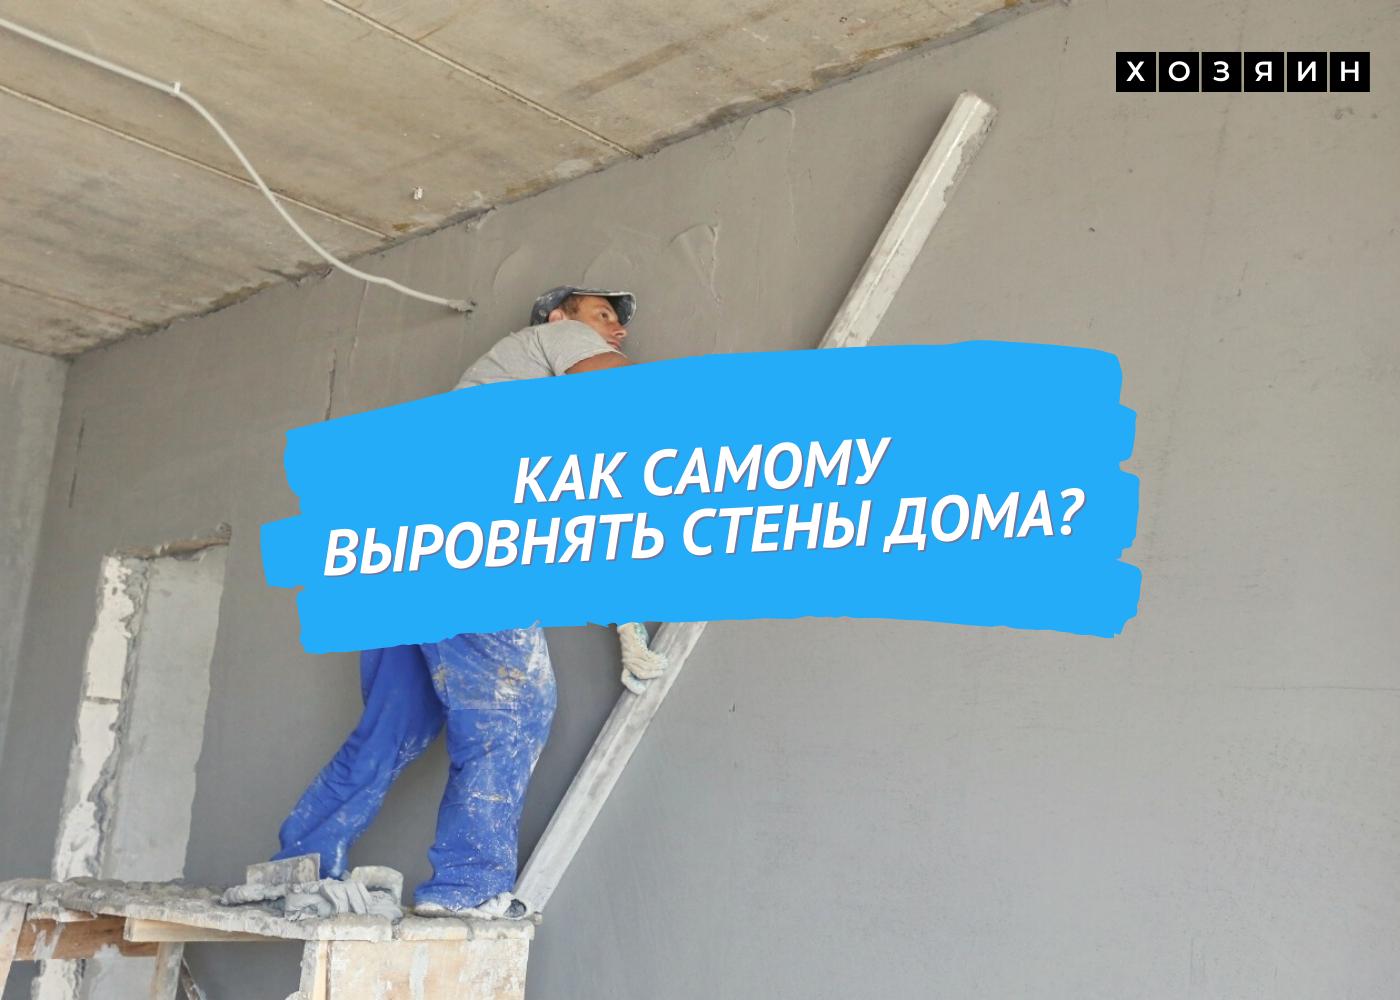 Как самому выровнять стены дома?